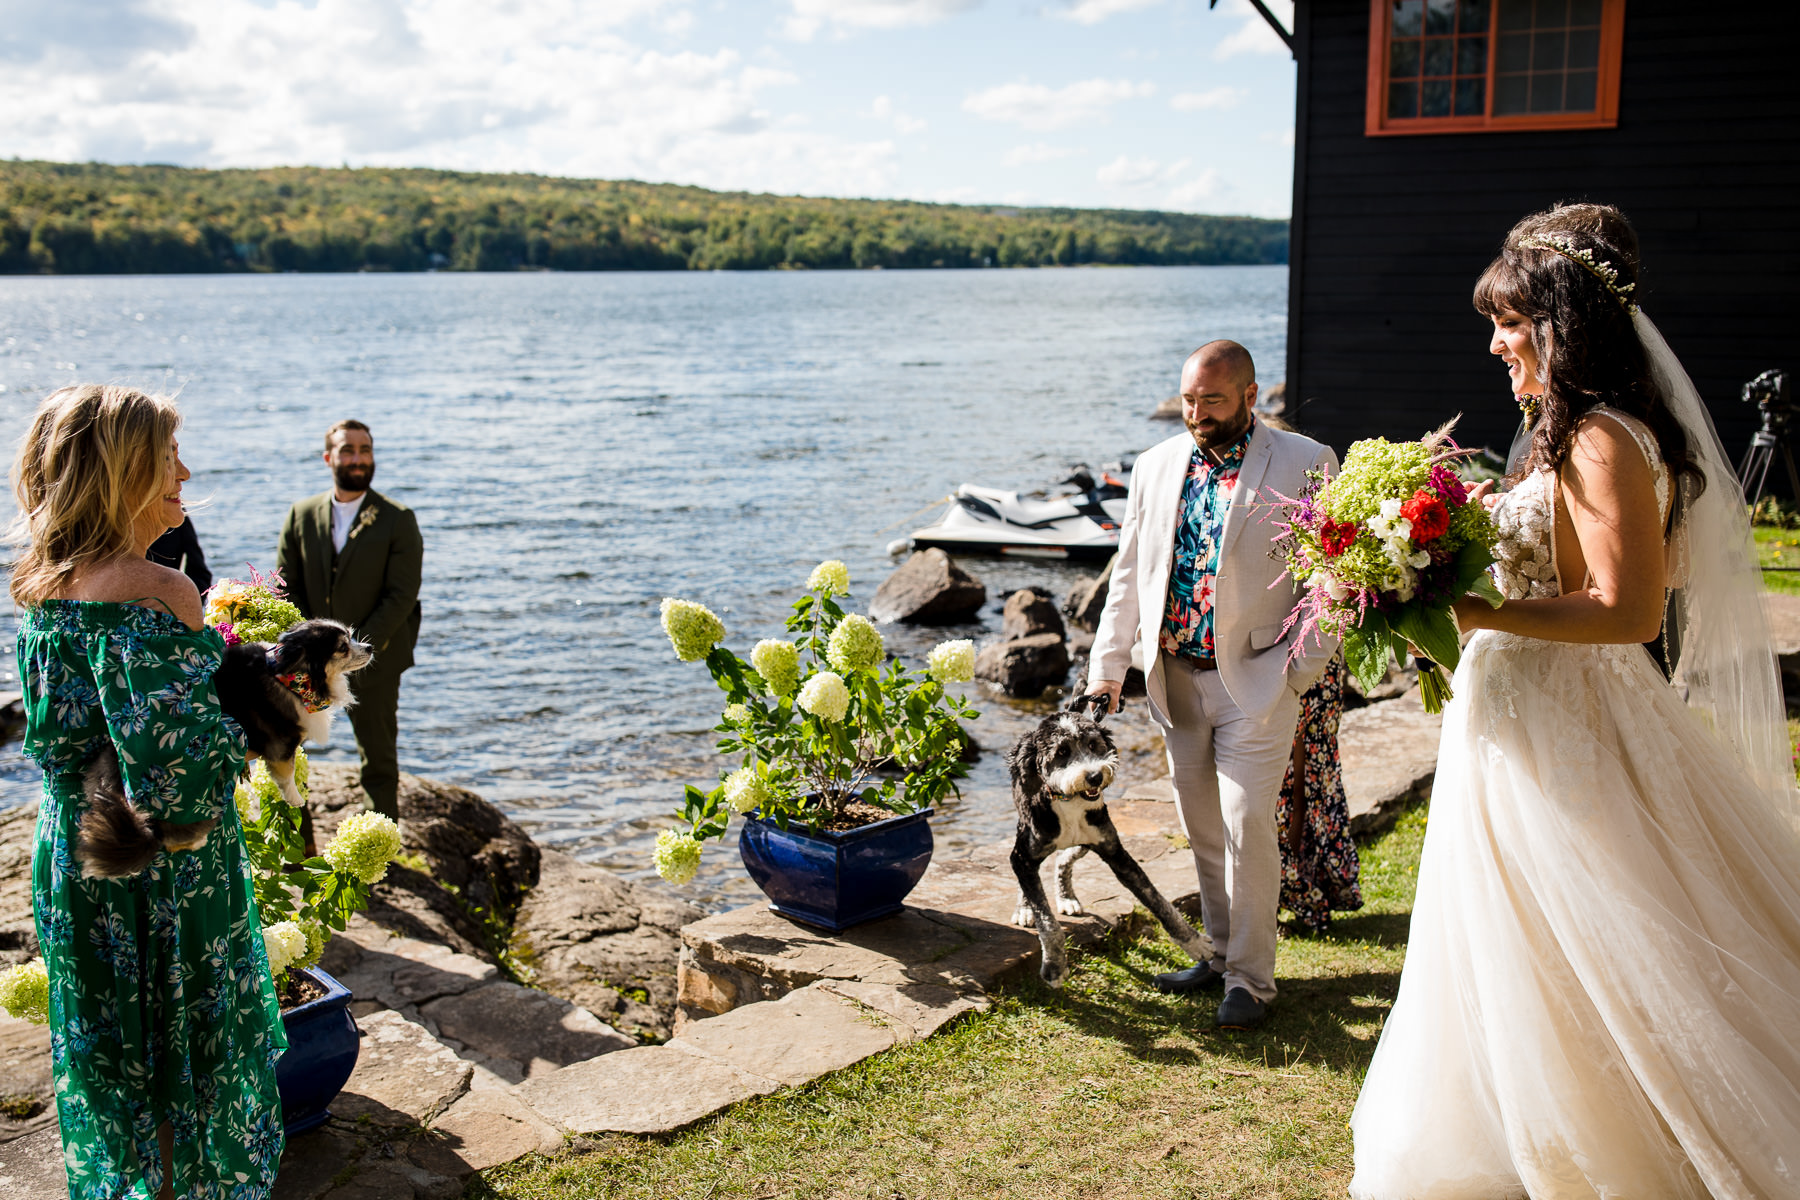 Afbeelding van het huwelijk van Adirondacks Lake | De bruid komt aan op de locatie van de huwelijksceremonie buiten